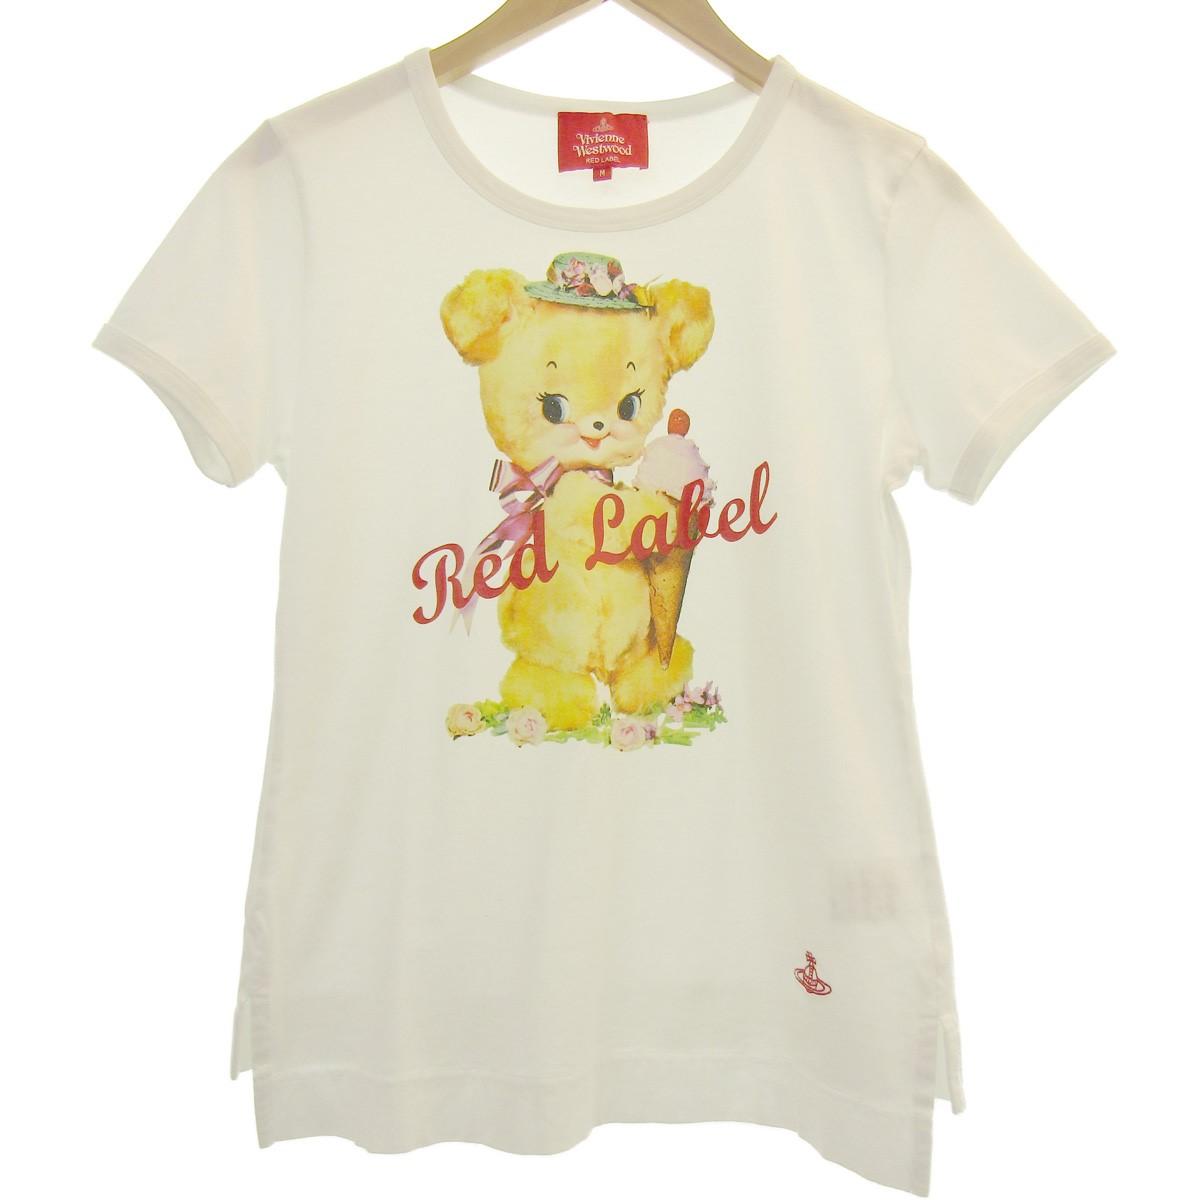 【中古】Vivienne Westwood RED LABEL 19SS プリントTシャツ ホワイト サイズ:M 【290420】(ヴィヴィアンウエストウッドレッドレーベル)